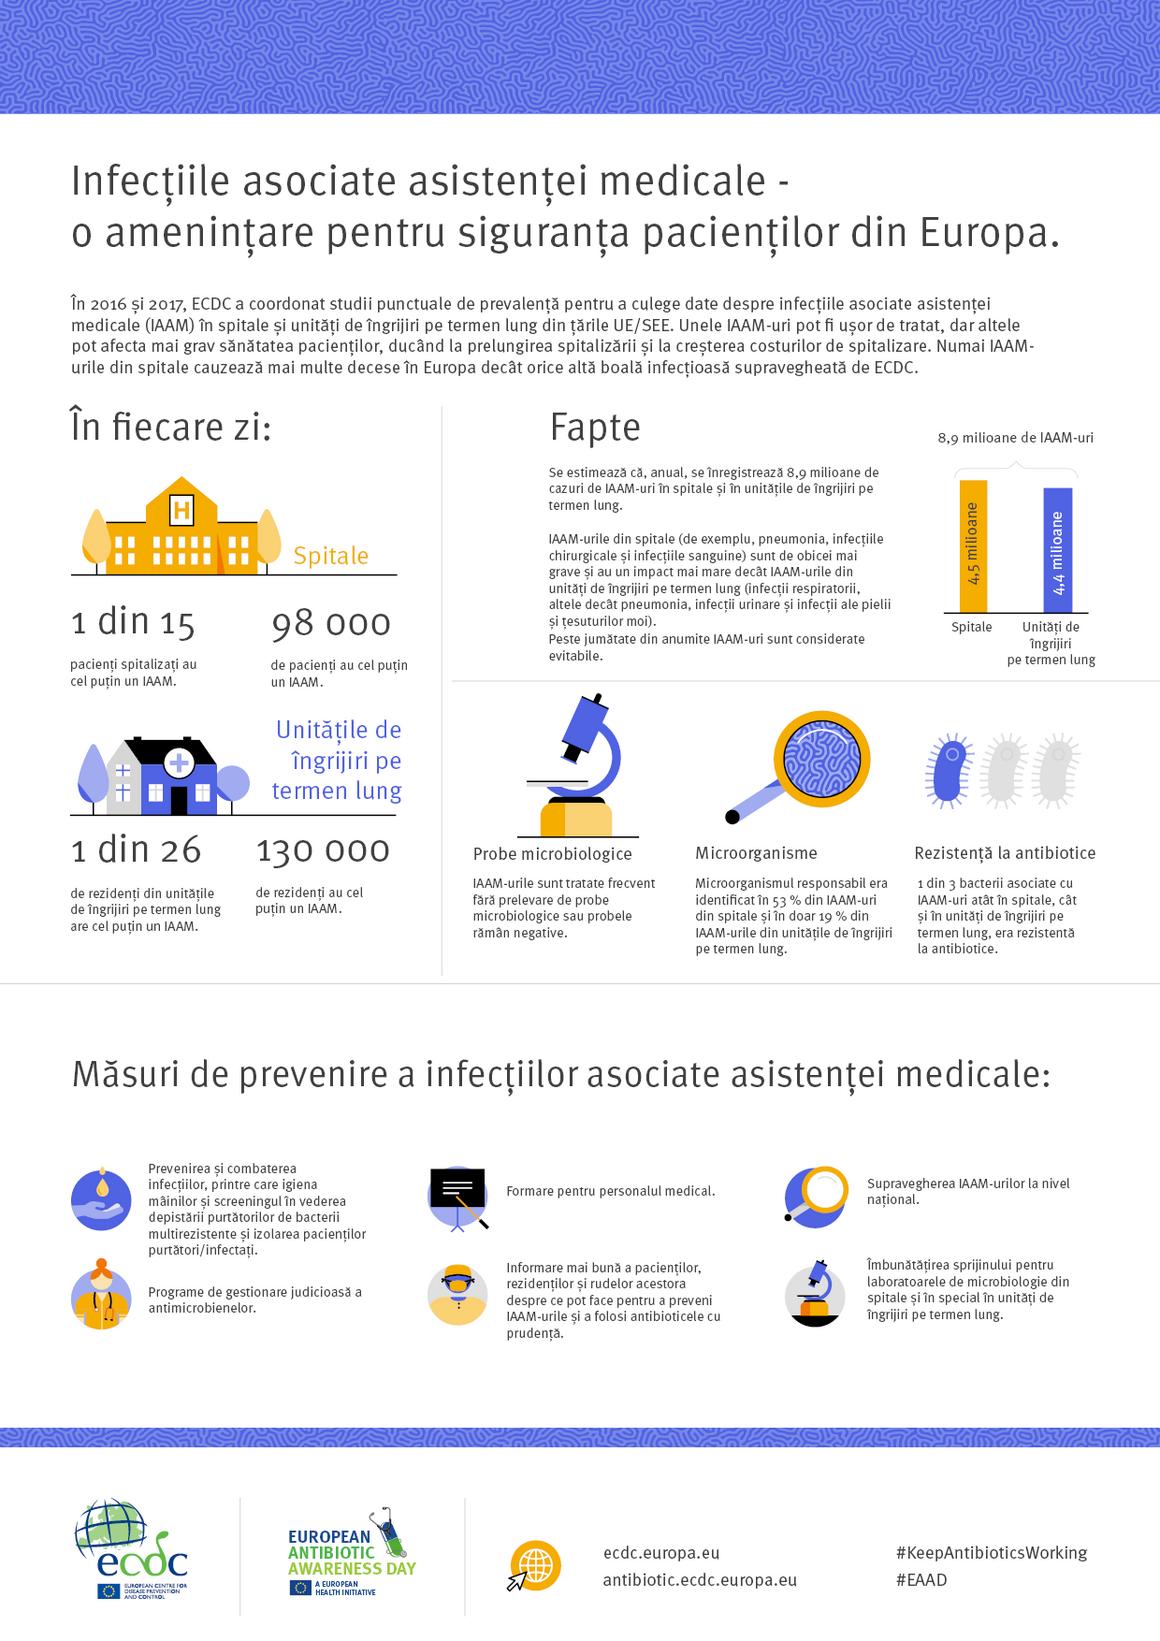 Infecțiile asociate asistenței medicale - o amenințare pentru siguranța pacienților din Europa